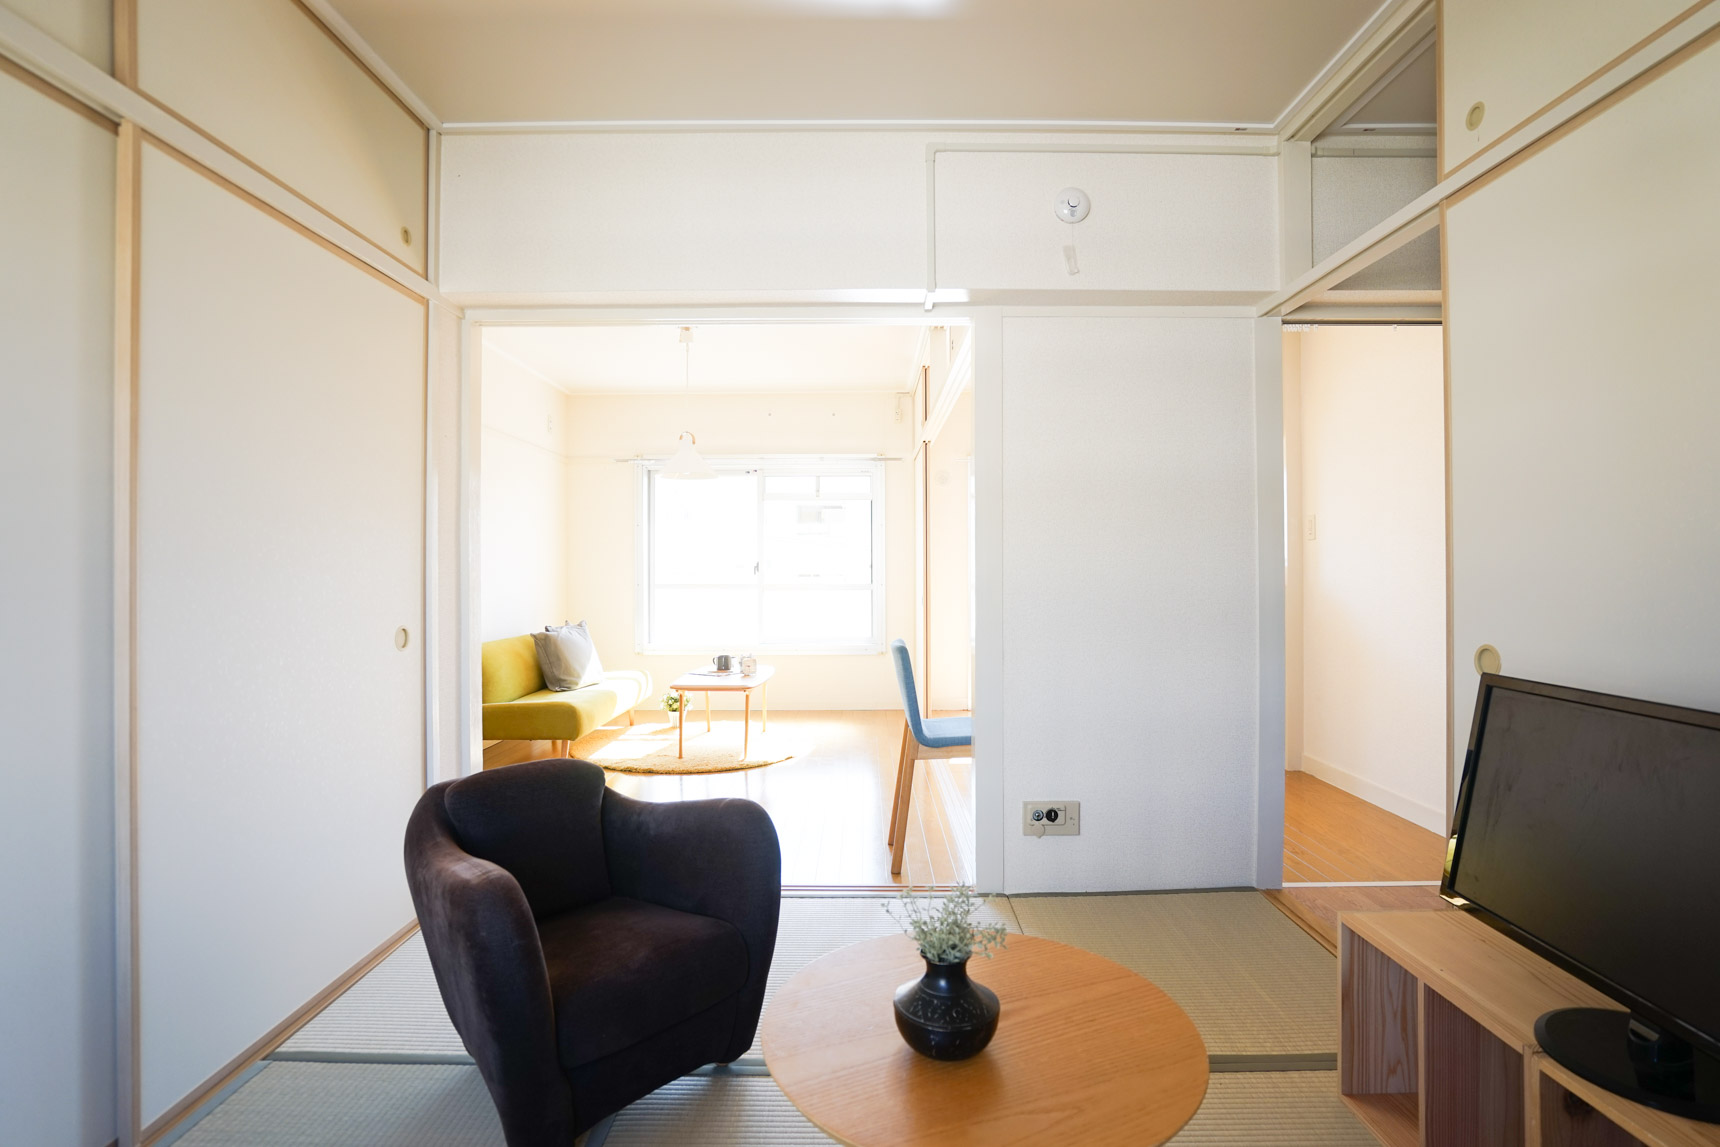 ゆったり寛げる和室のあるお部屋で、レトロモダンなスタイルの暮らし、はじめてみませんか?